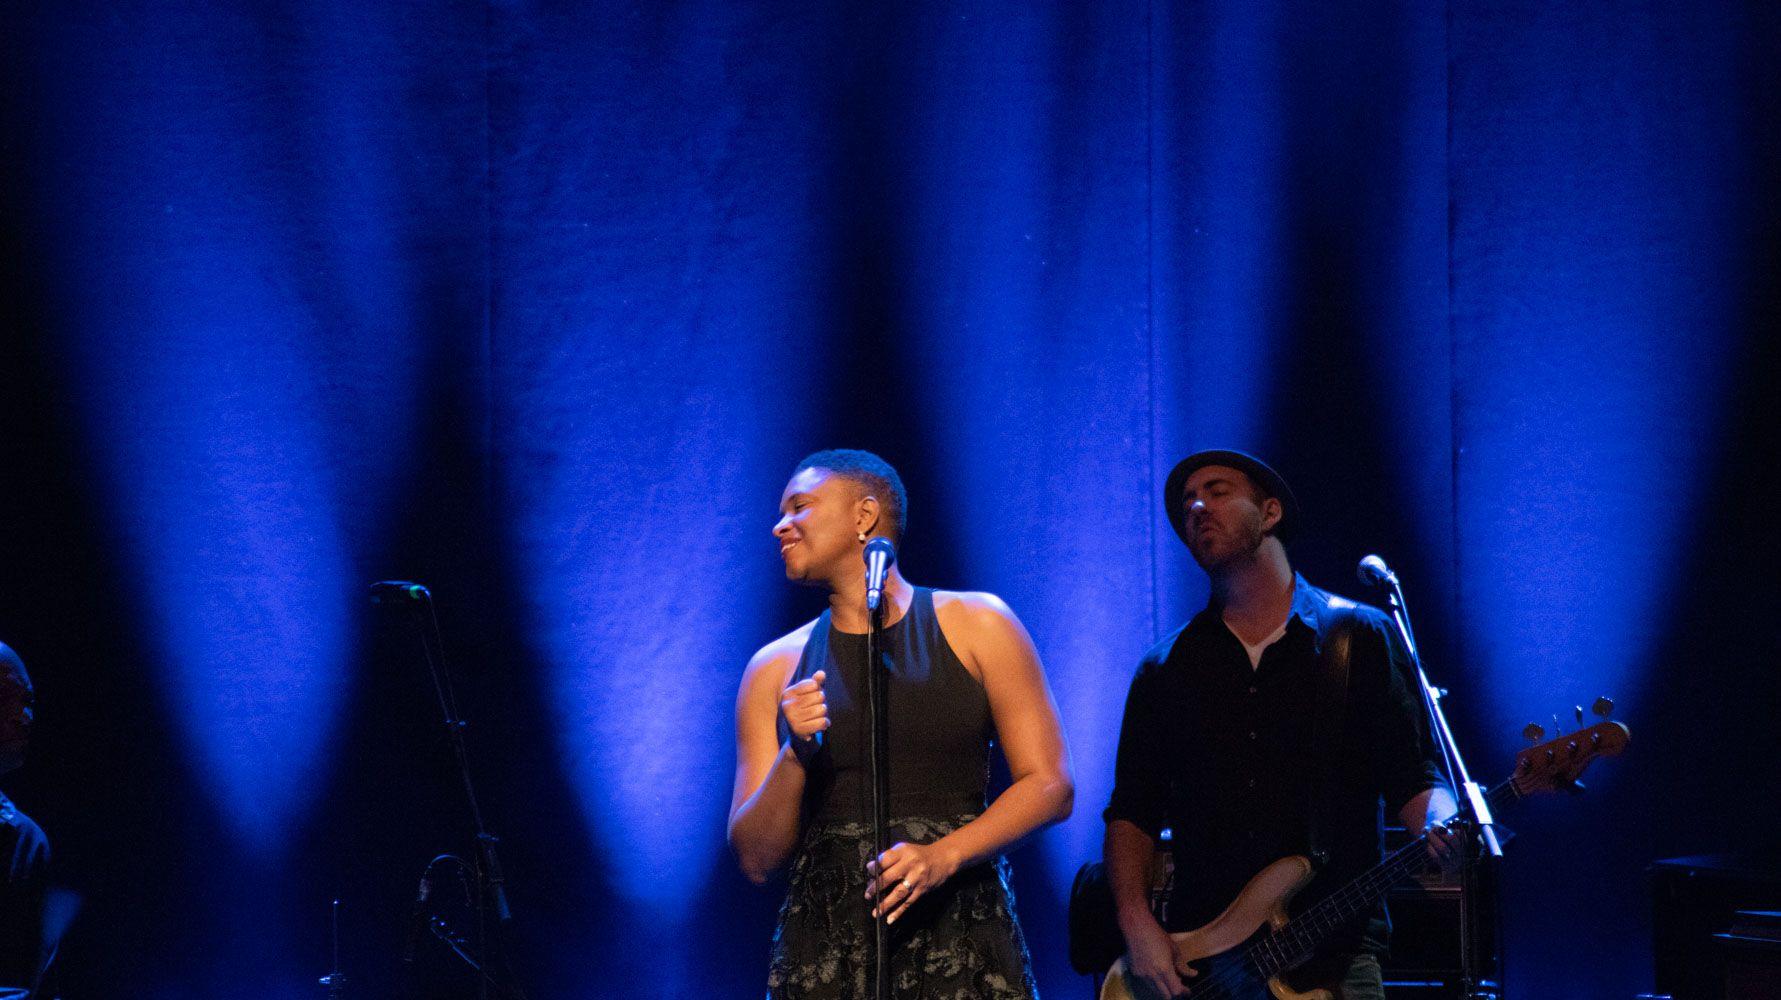 Teatre auditori de Sant Cugat Concert: Lizz Wright. Foto: Adrián Gómez